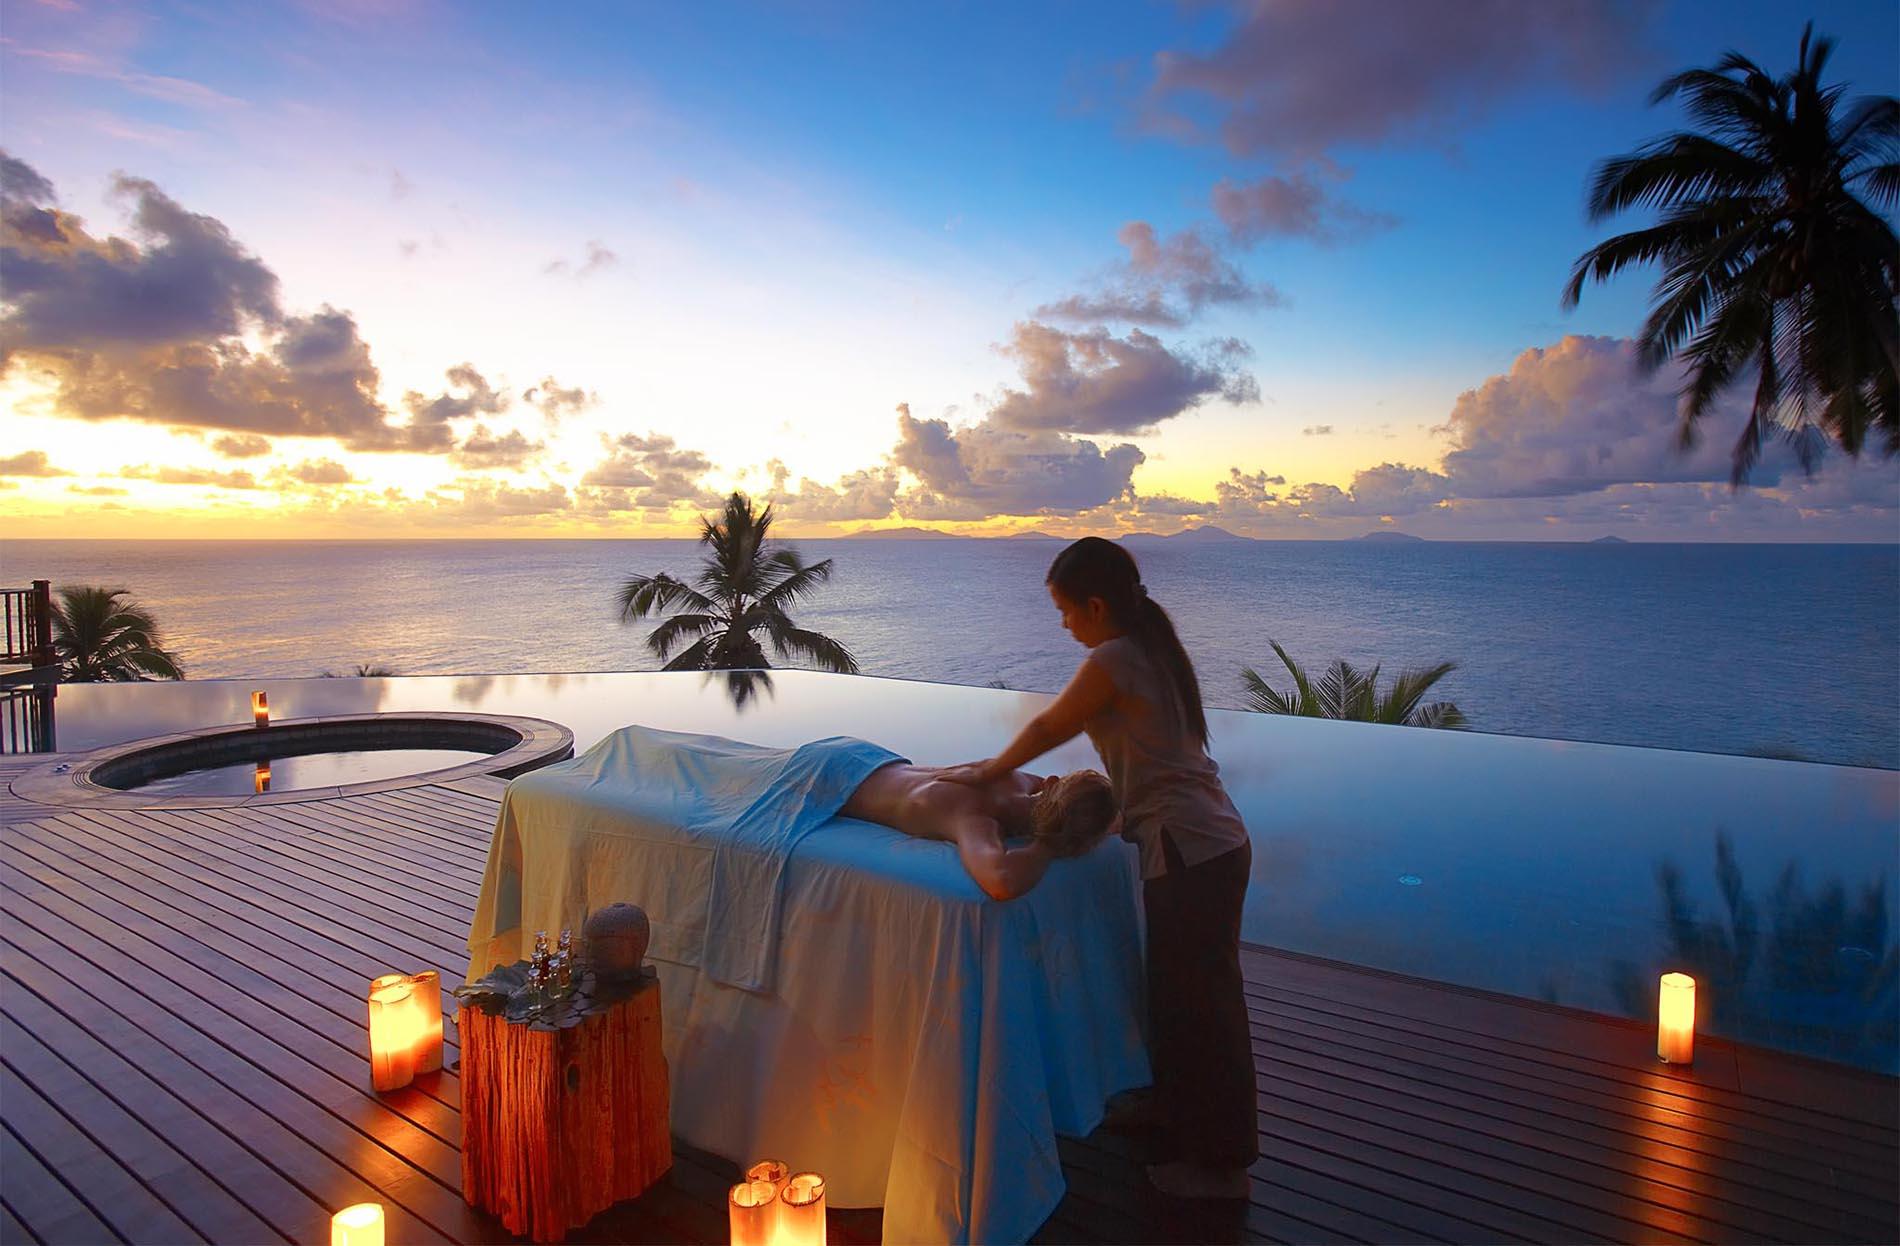 Після довгої дороги вам запропонують розслабитись на 60-хвилинному сеансі безкоштовного вітального масажу в SPA-центрі Rock або відвідати 60-хвилинне вступне заняття з дайвінгу в басейні